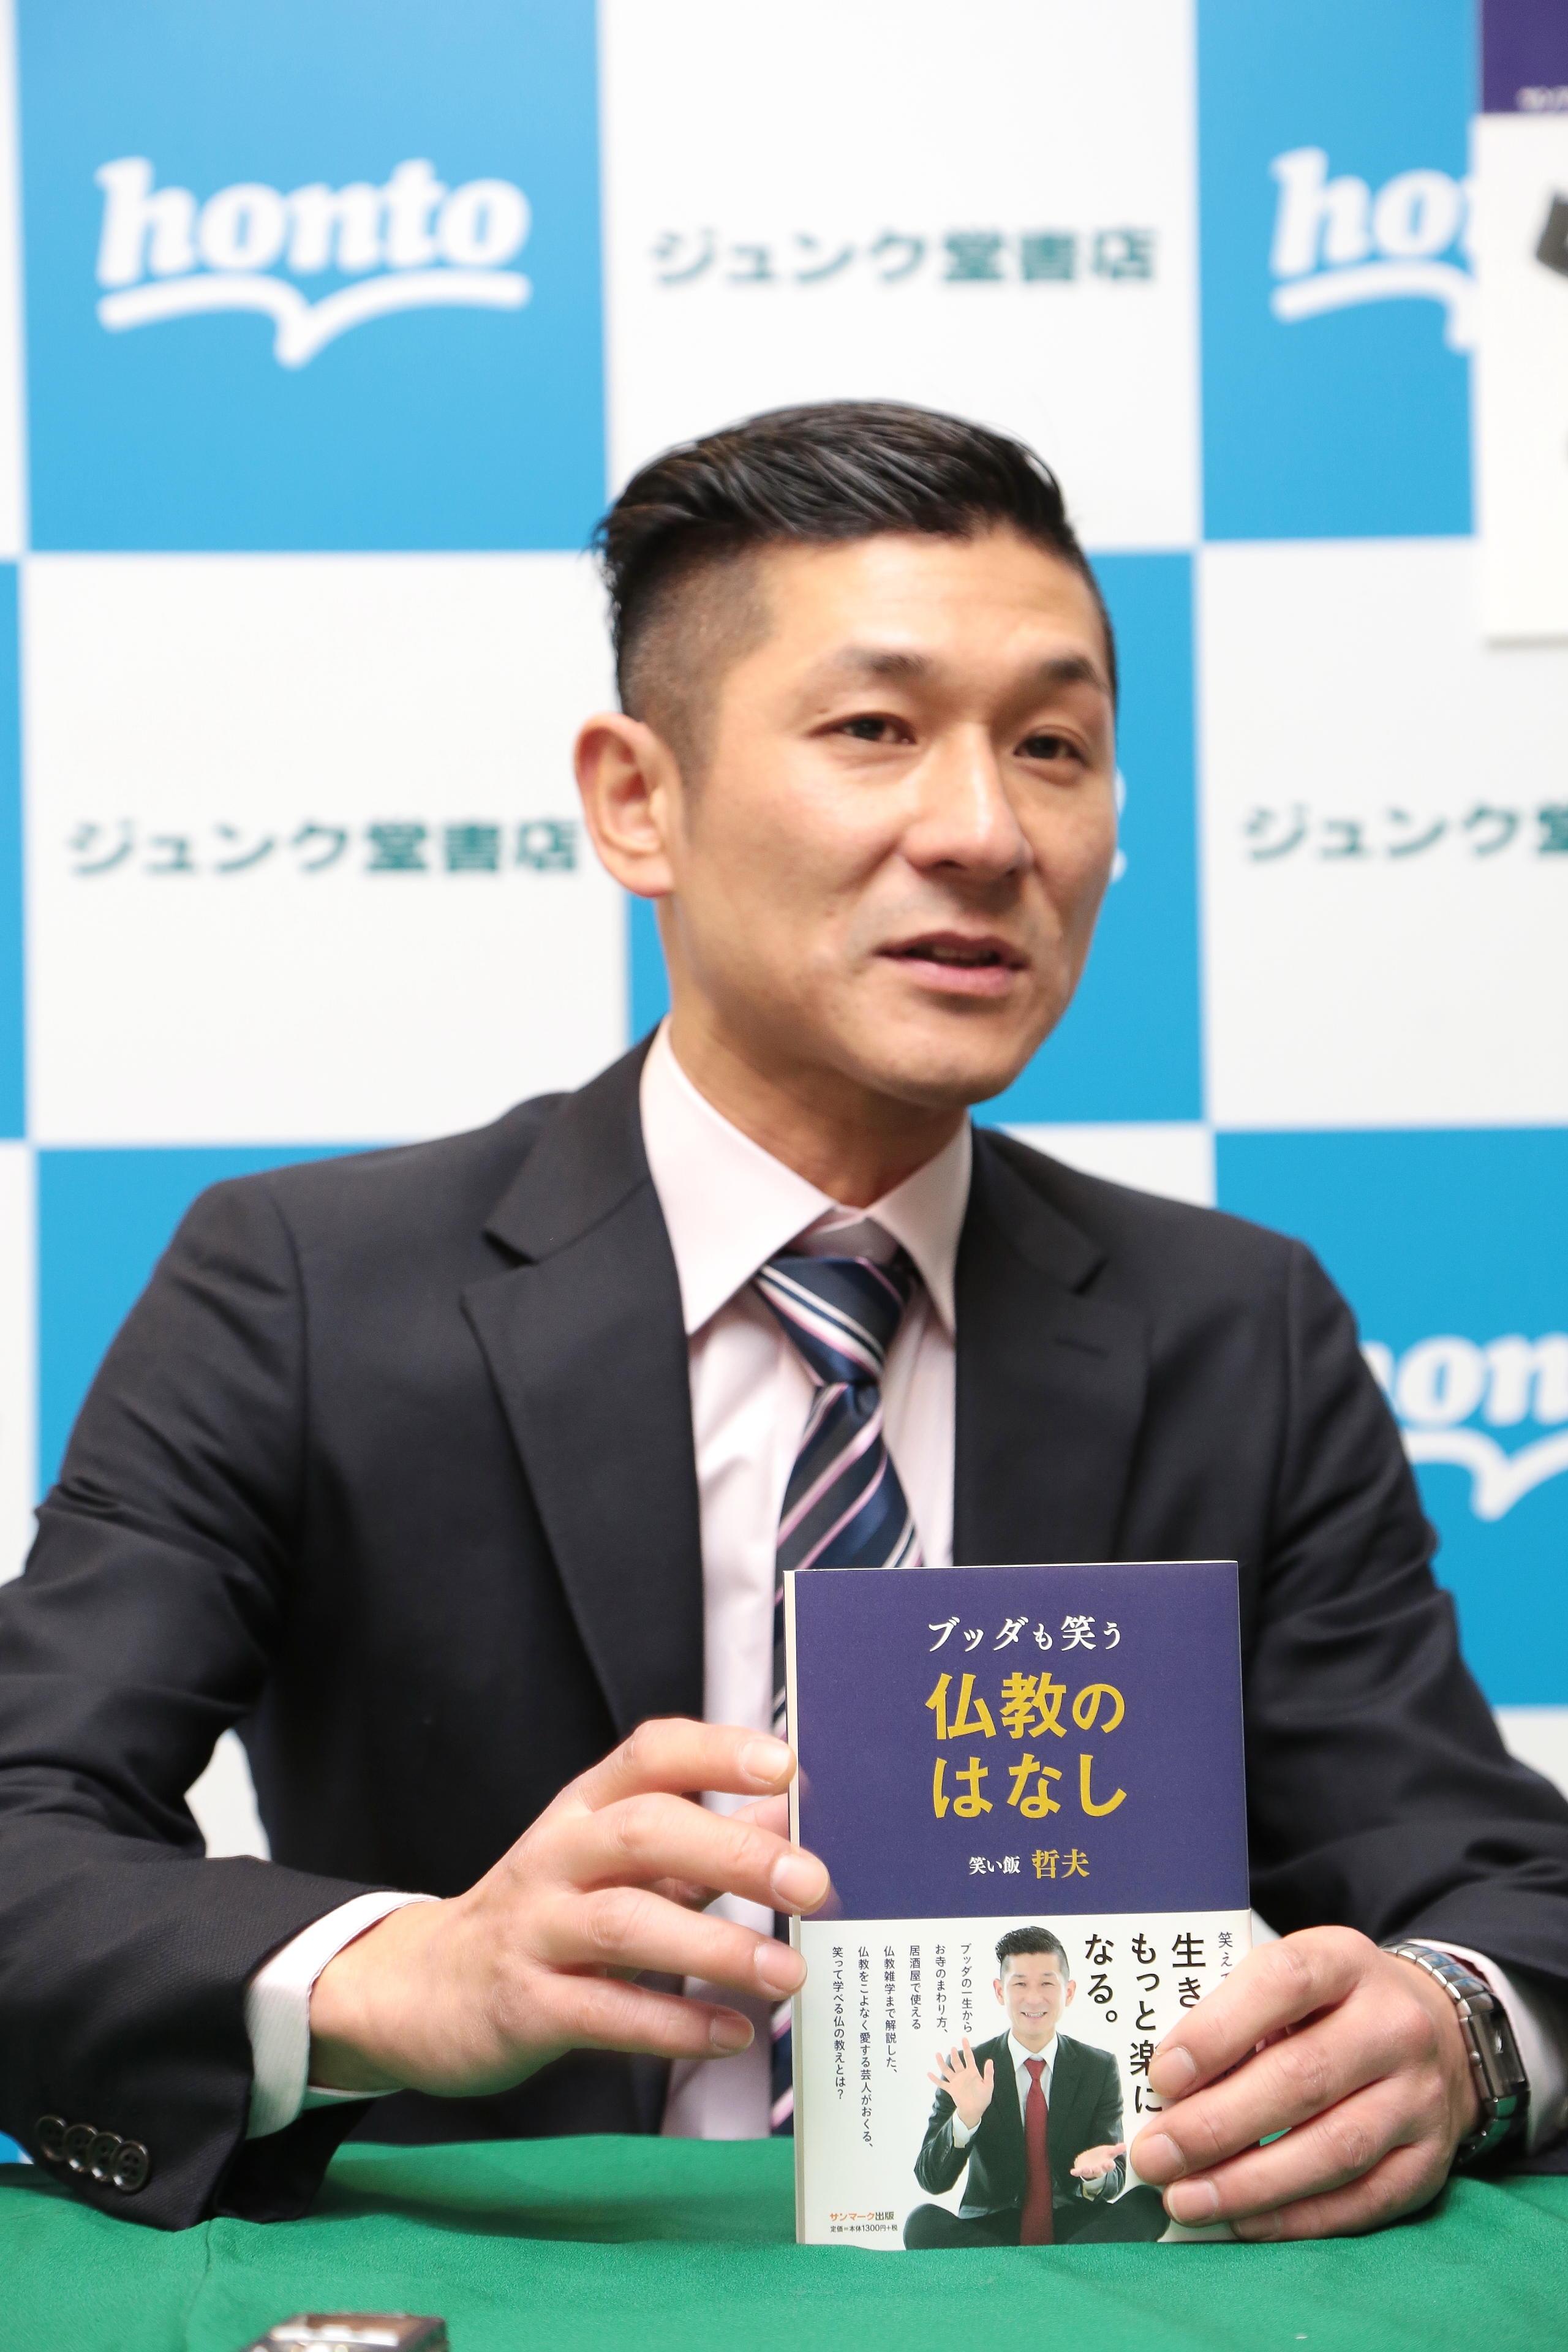 http://news.yoshimoto.co.jp/20160119235631-2b5f70c5e861ae7d6829ab52a303a2ed096da928.jpg